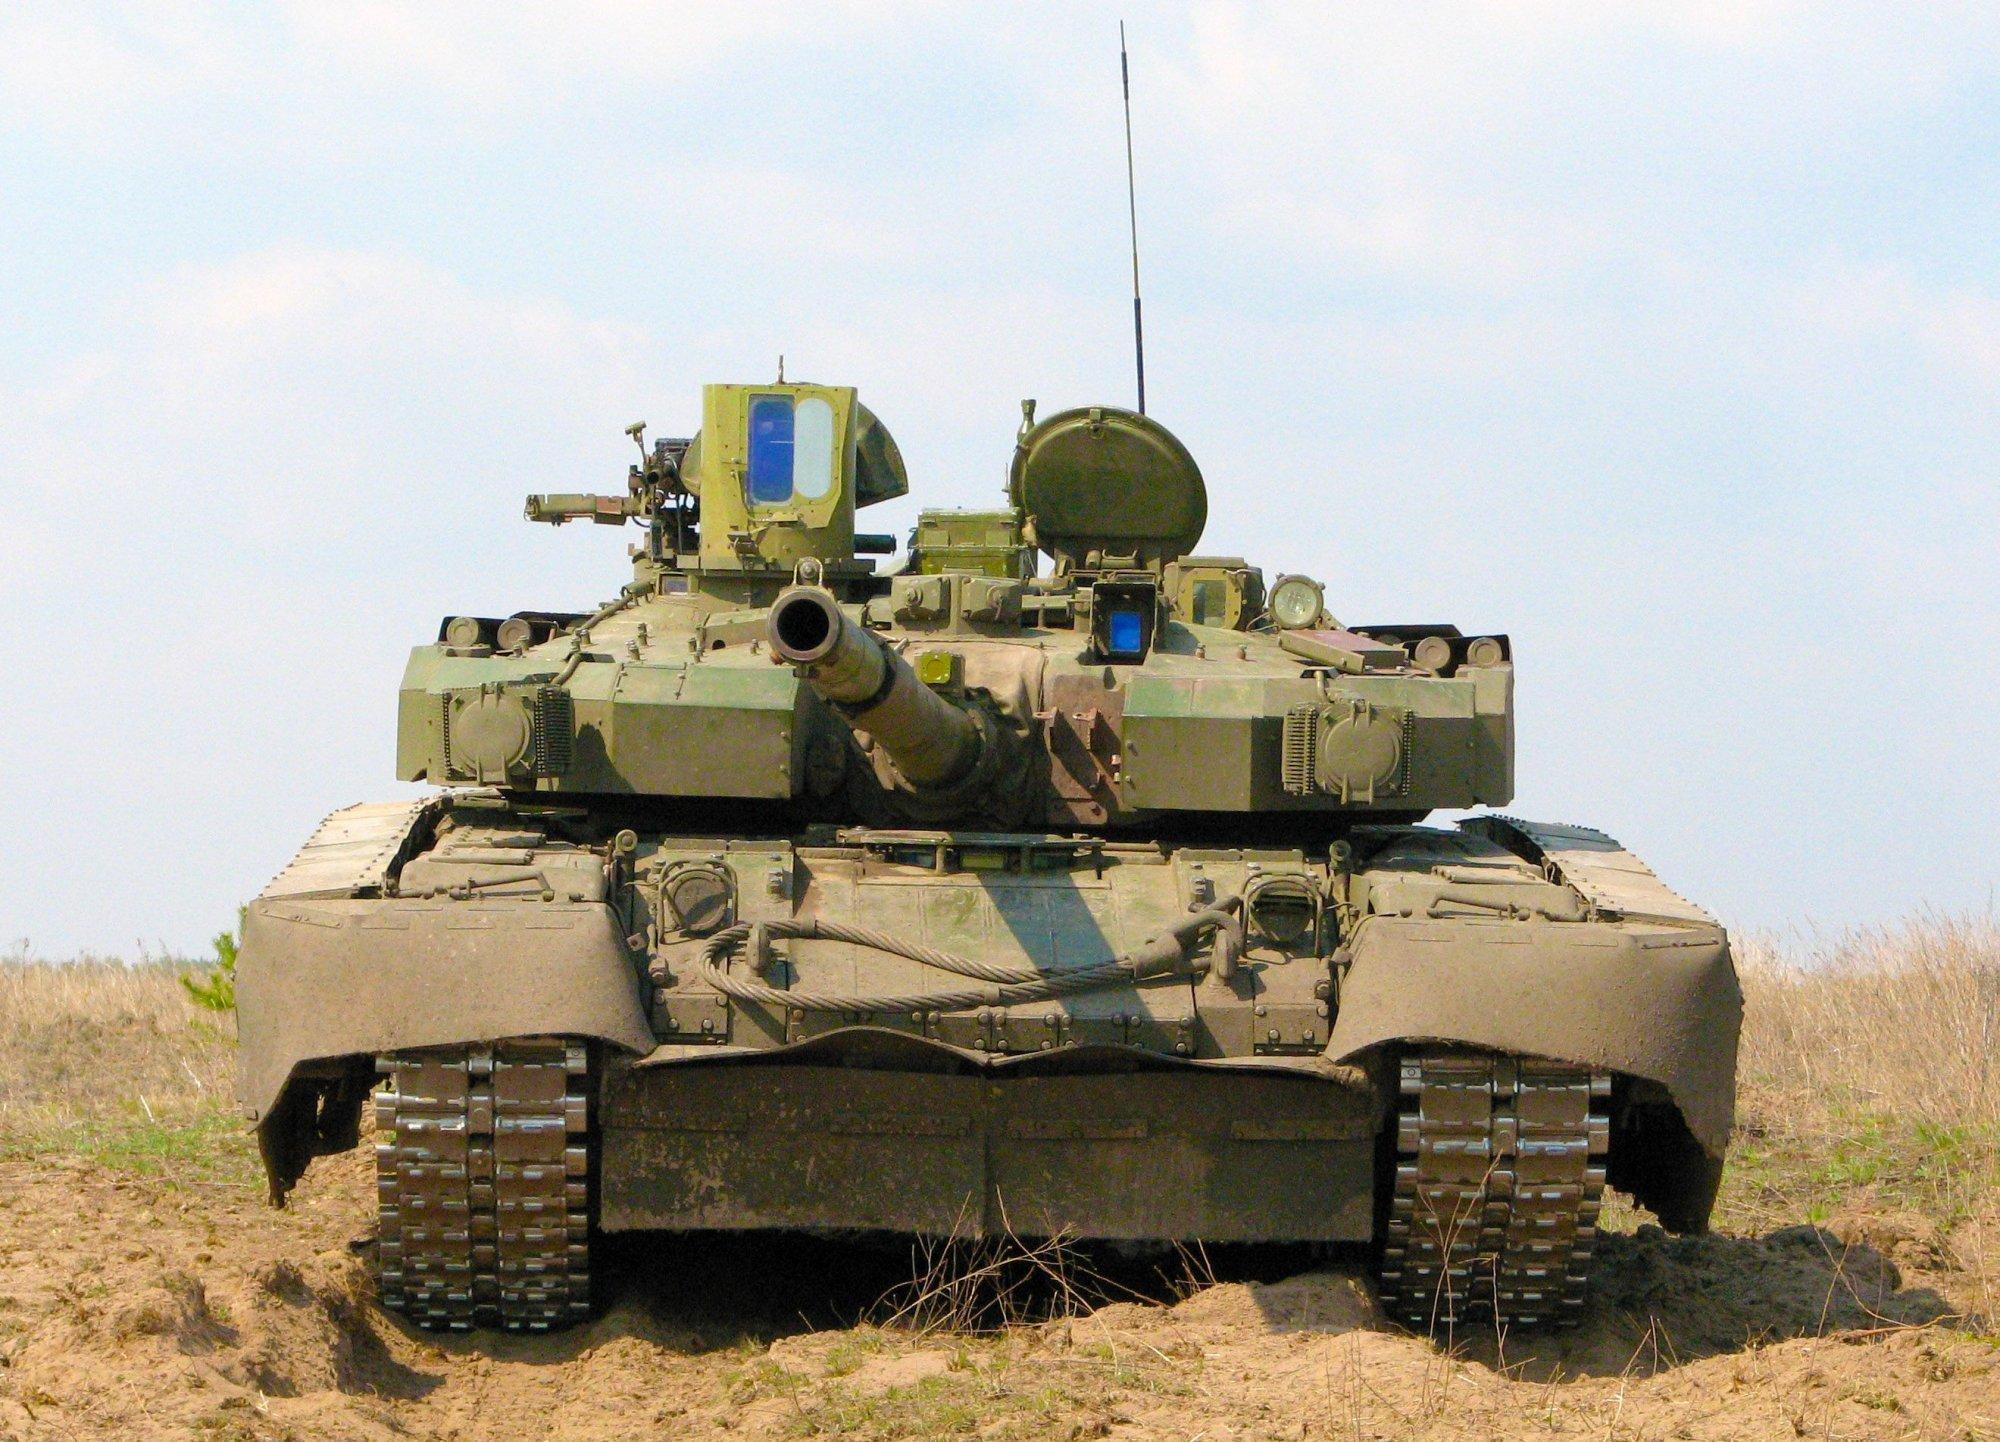 Tancul Oplot, mândria industriei militare ucrainene